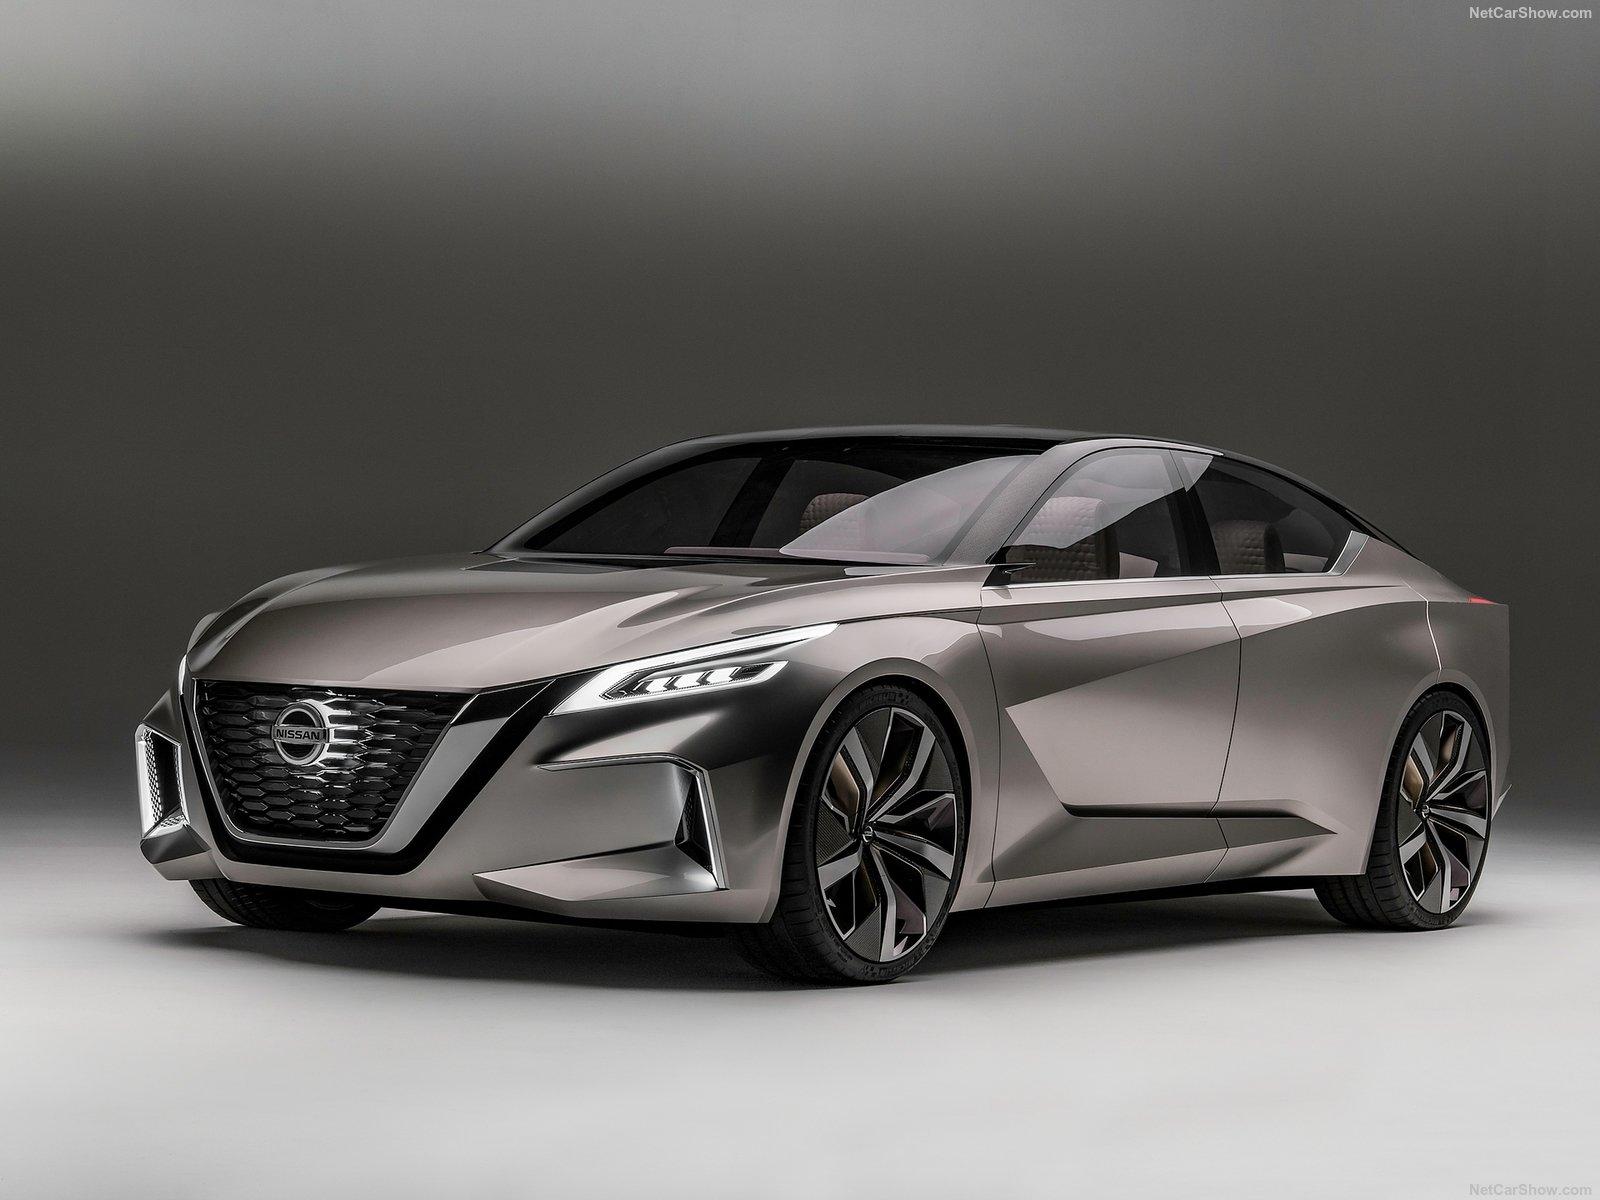 بالصور تصميم سيارات , اجمل تصميمات لسيارات